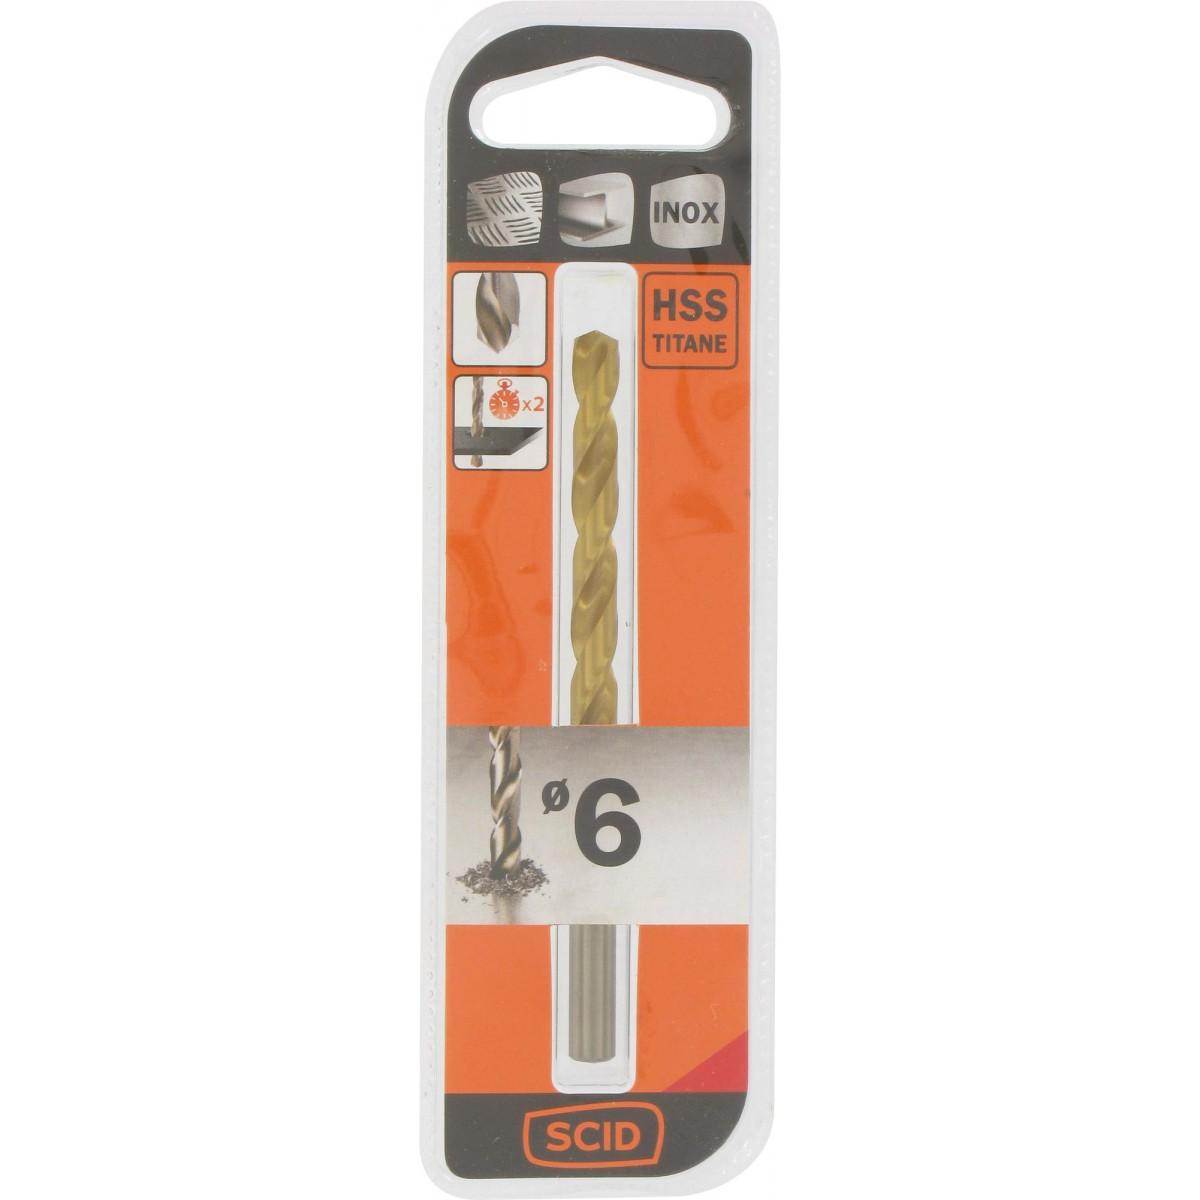 Foret métal HSS titane SCID - Longueur 95 mm - Diamètre 6 mm